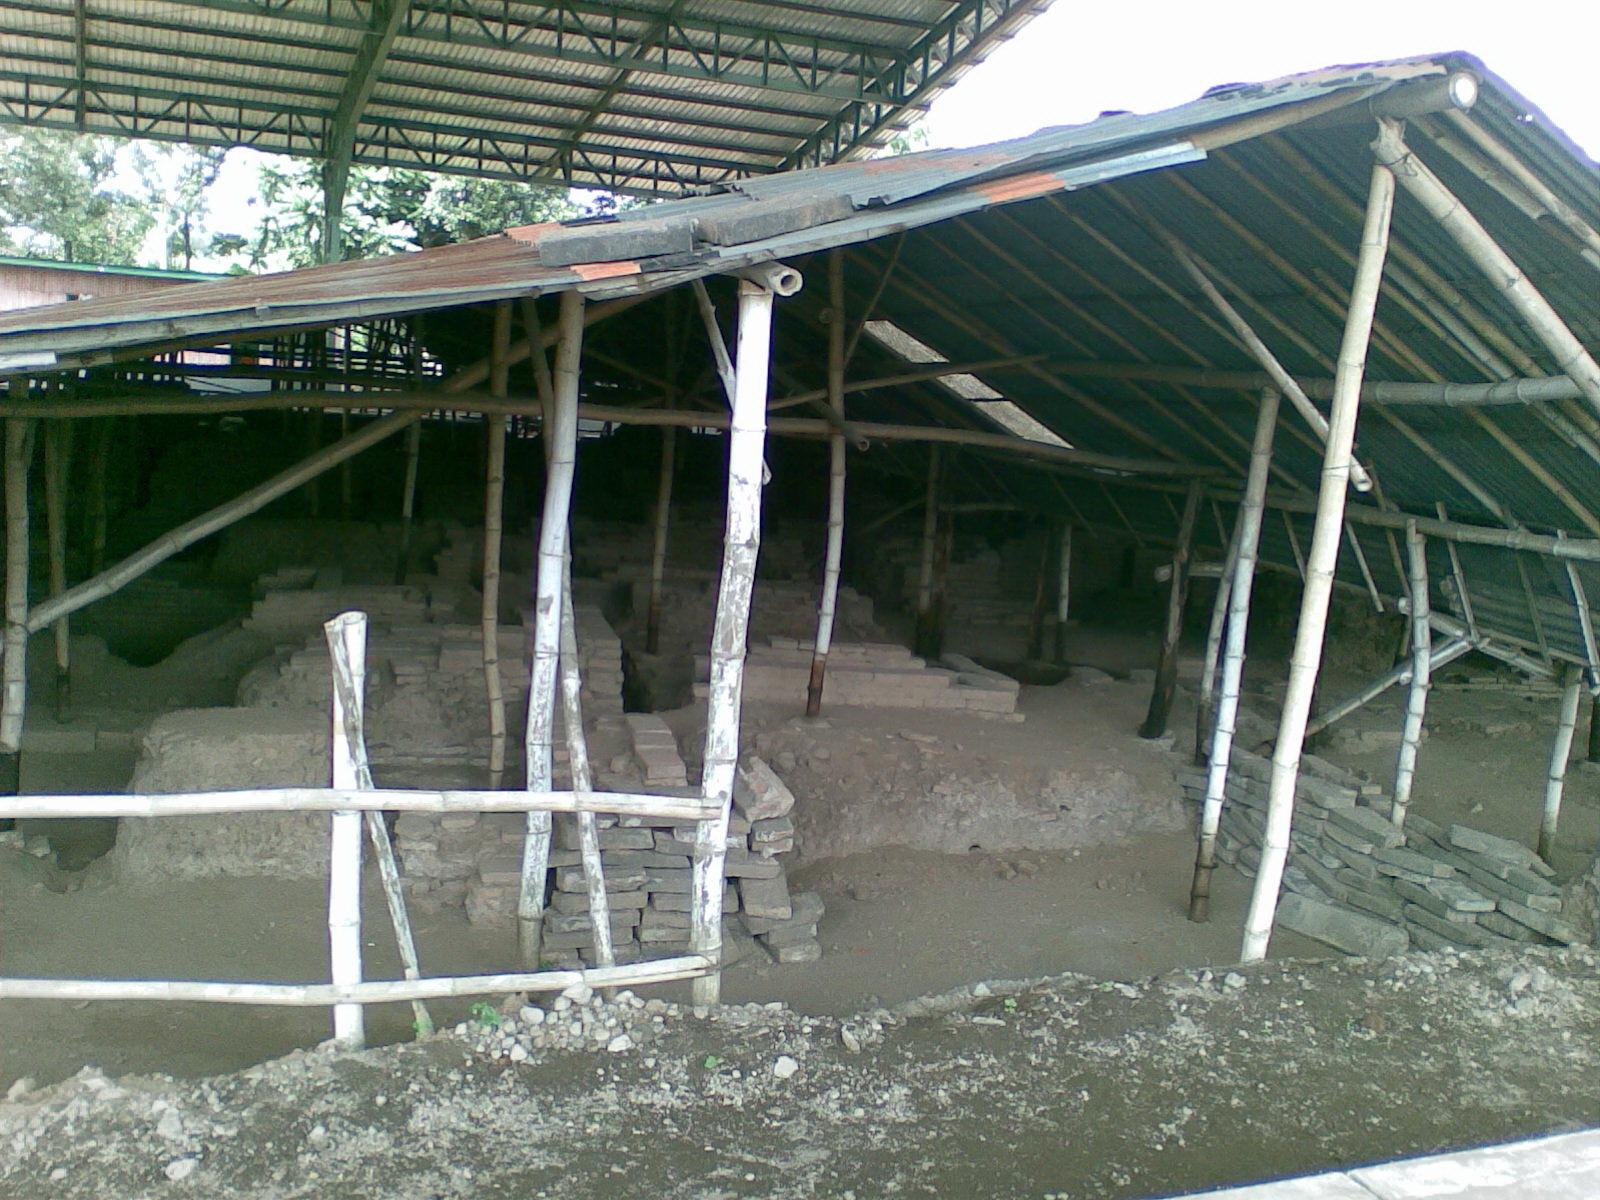 Petualangan Ali Topan Candi Kedaton Bekas Pemukiman Majapahit Komplek Reruntuhan